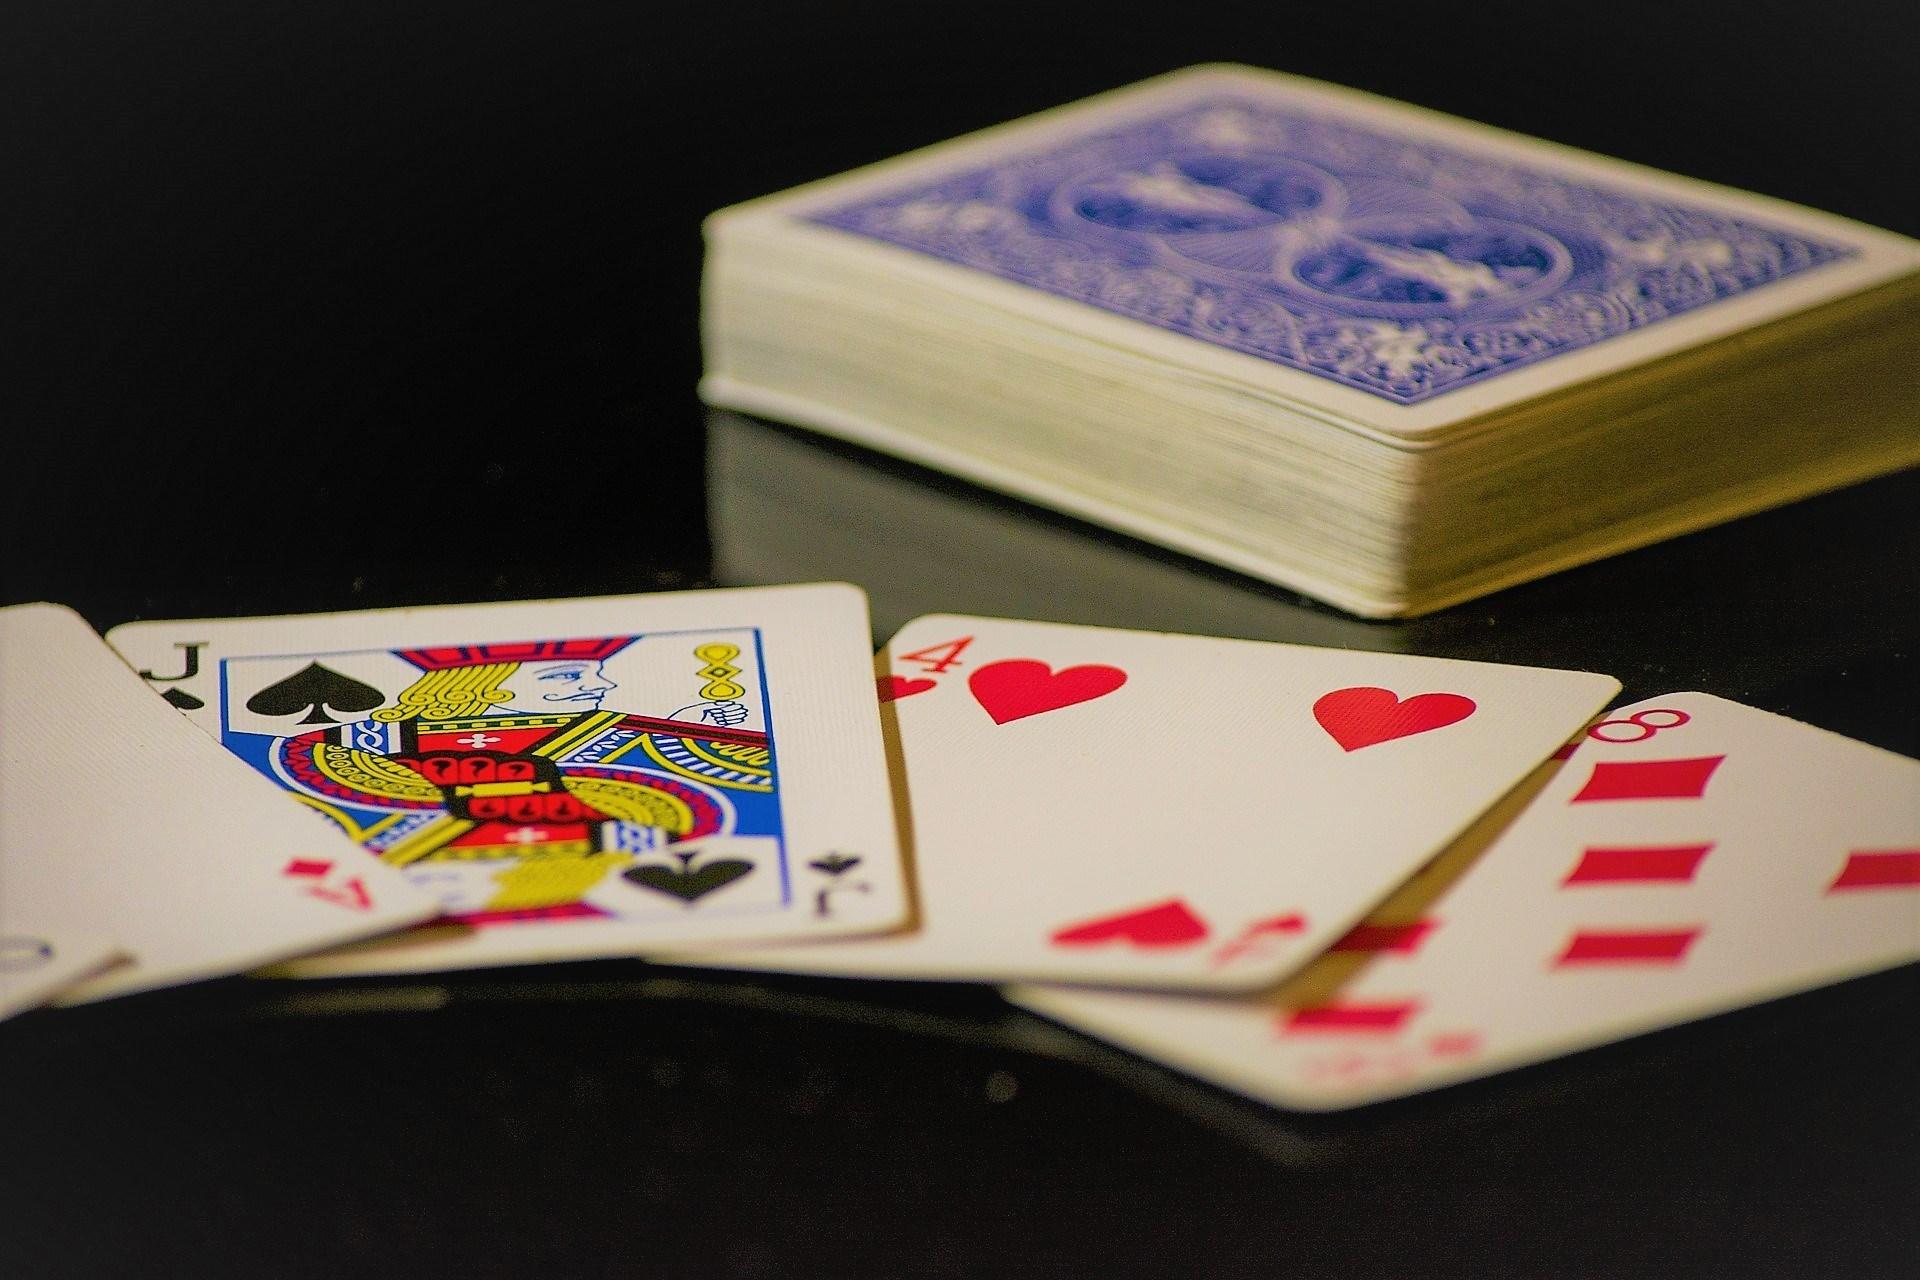 фото Карты в казино используют какие